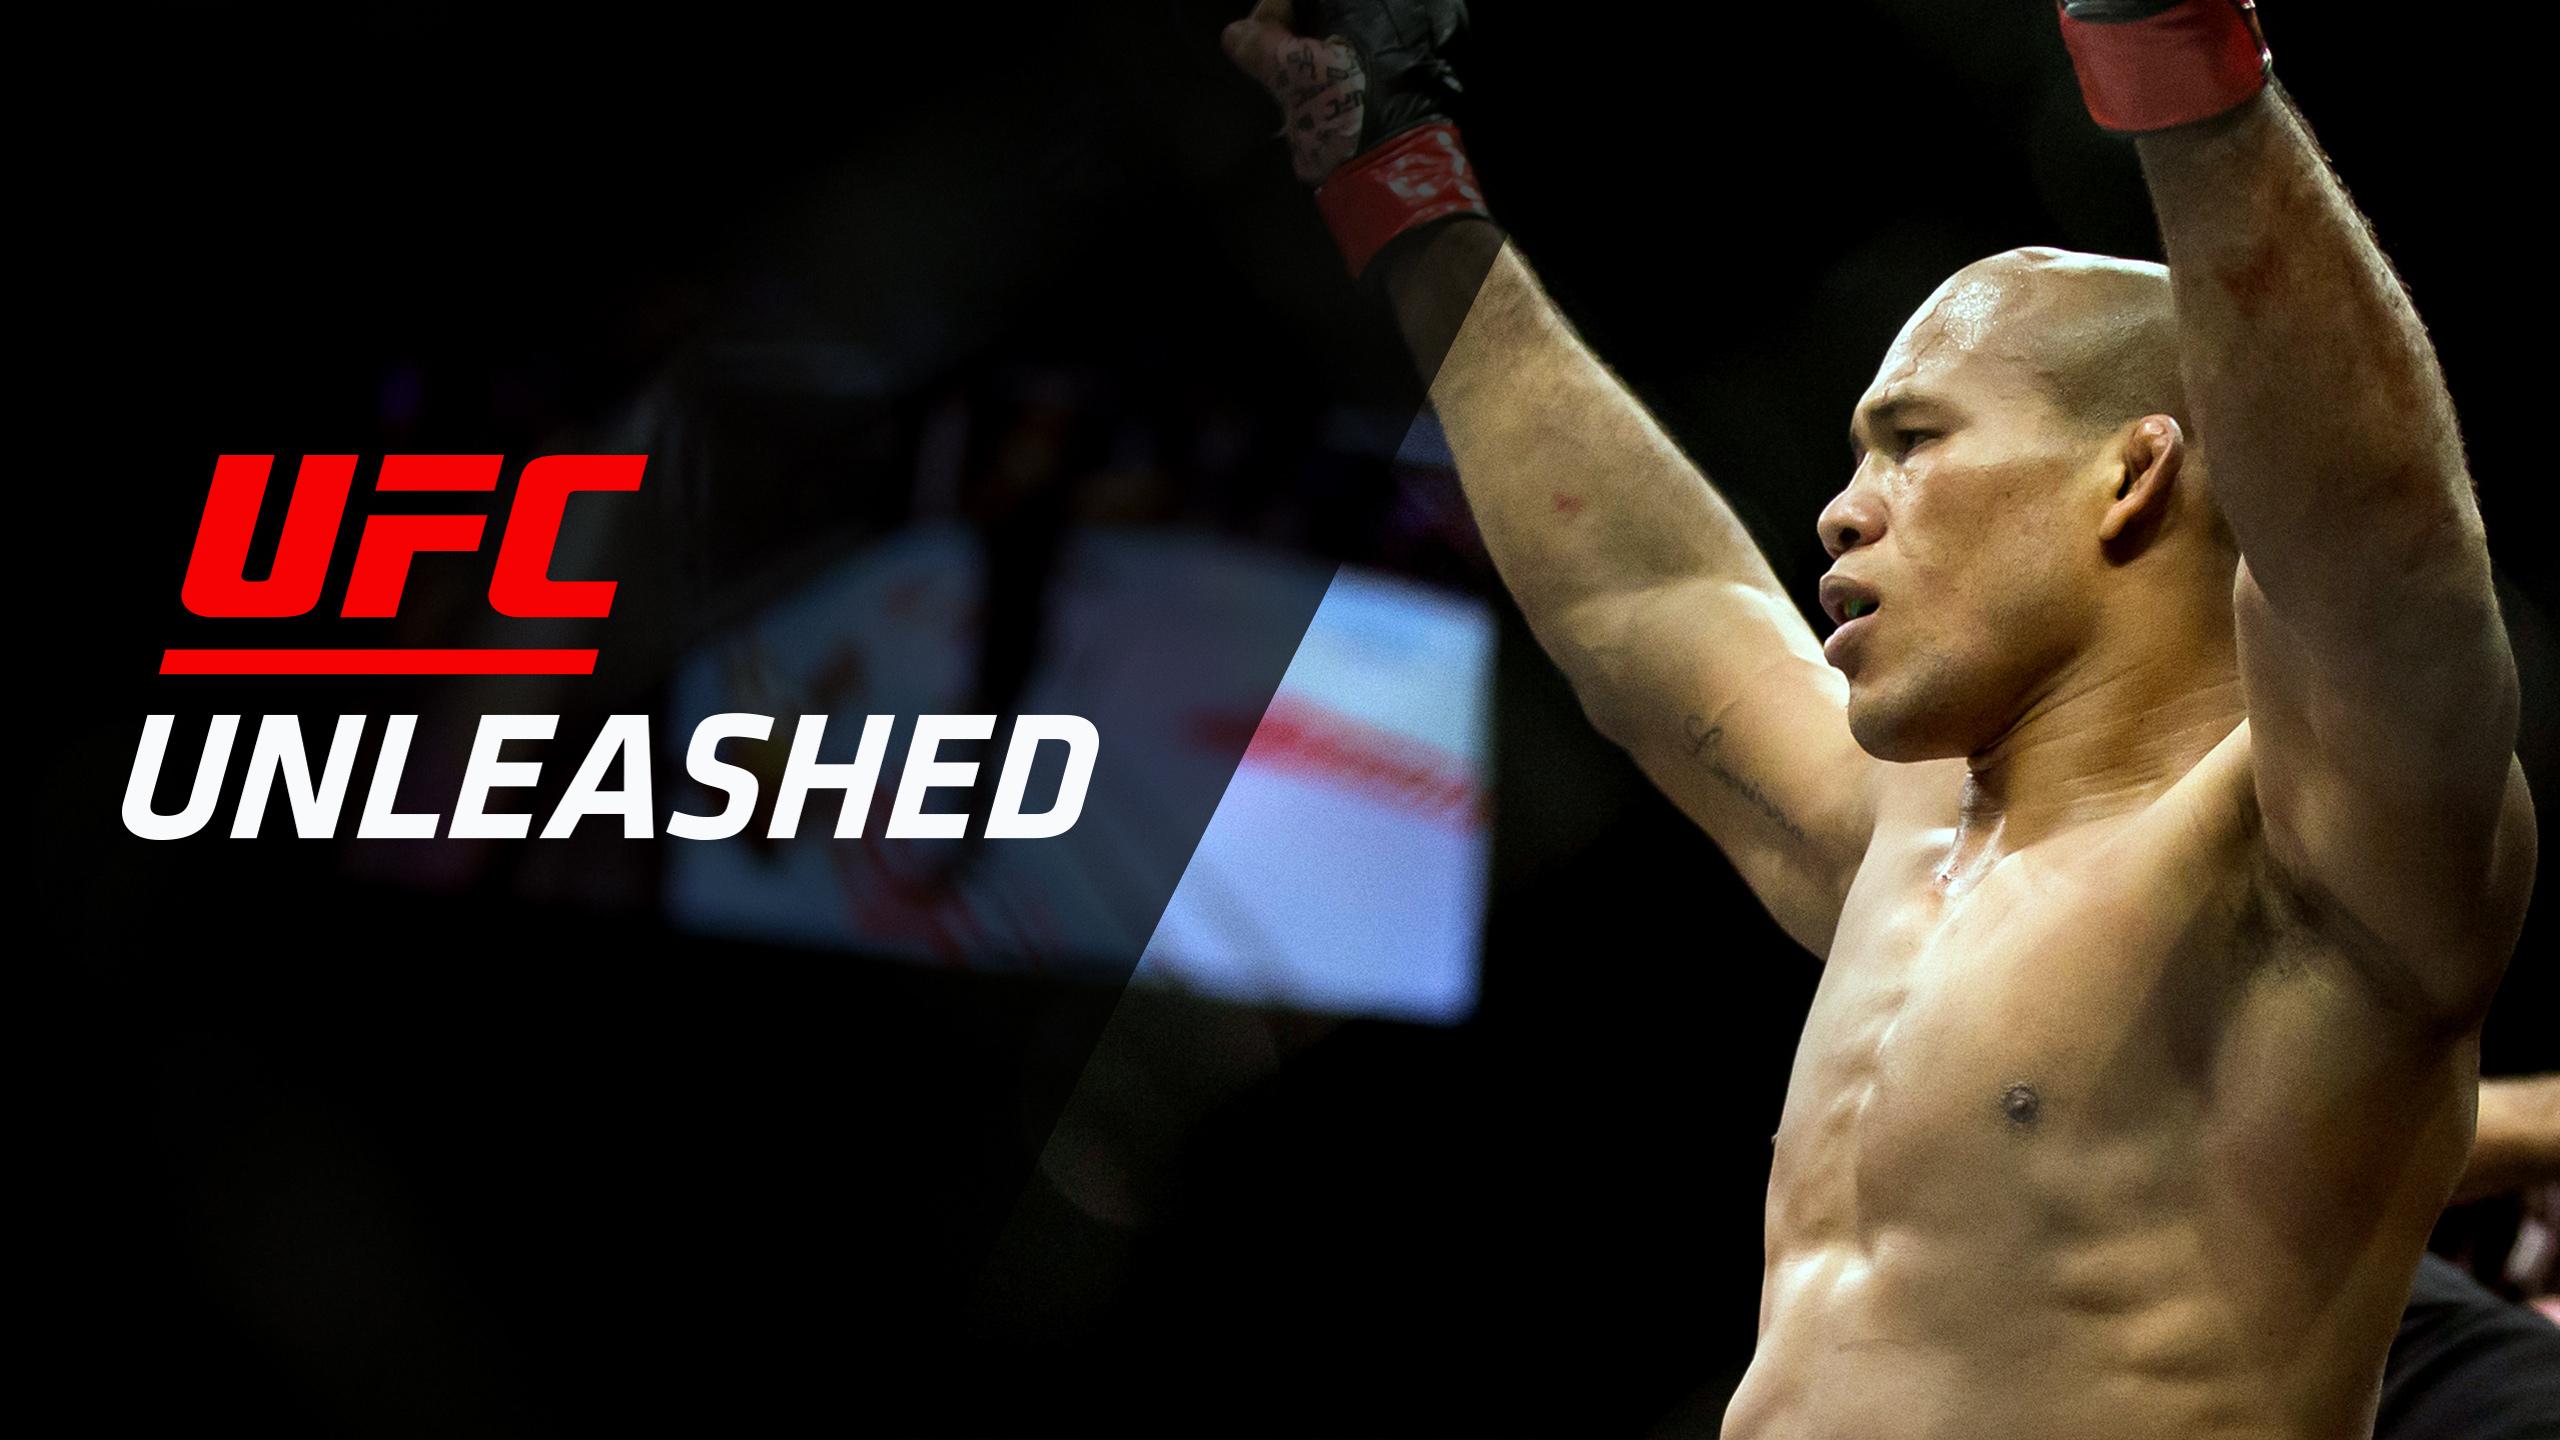 UFC Unleashed: Souza vs. Belfort